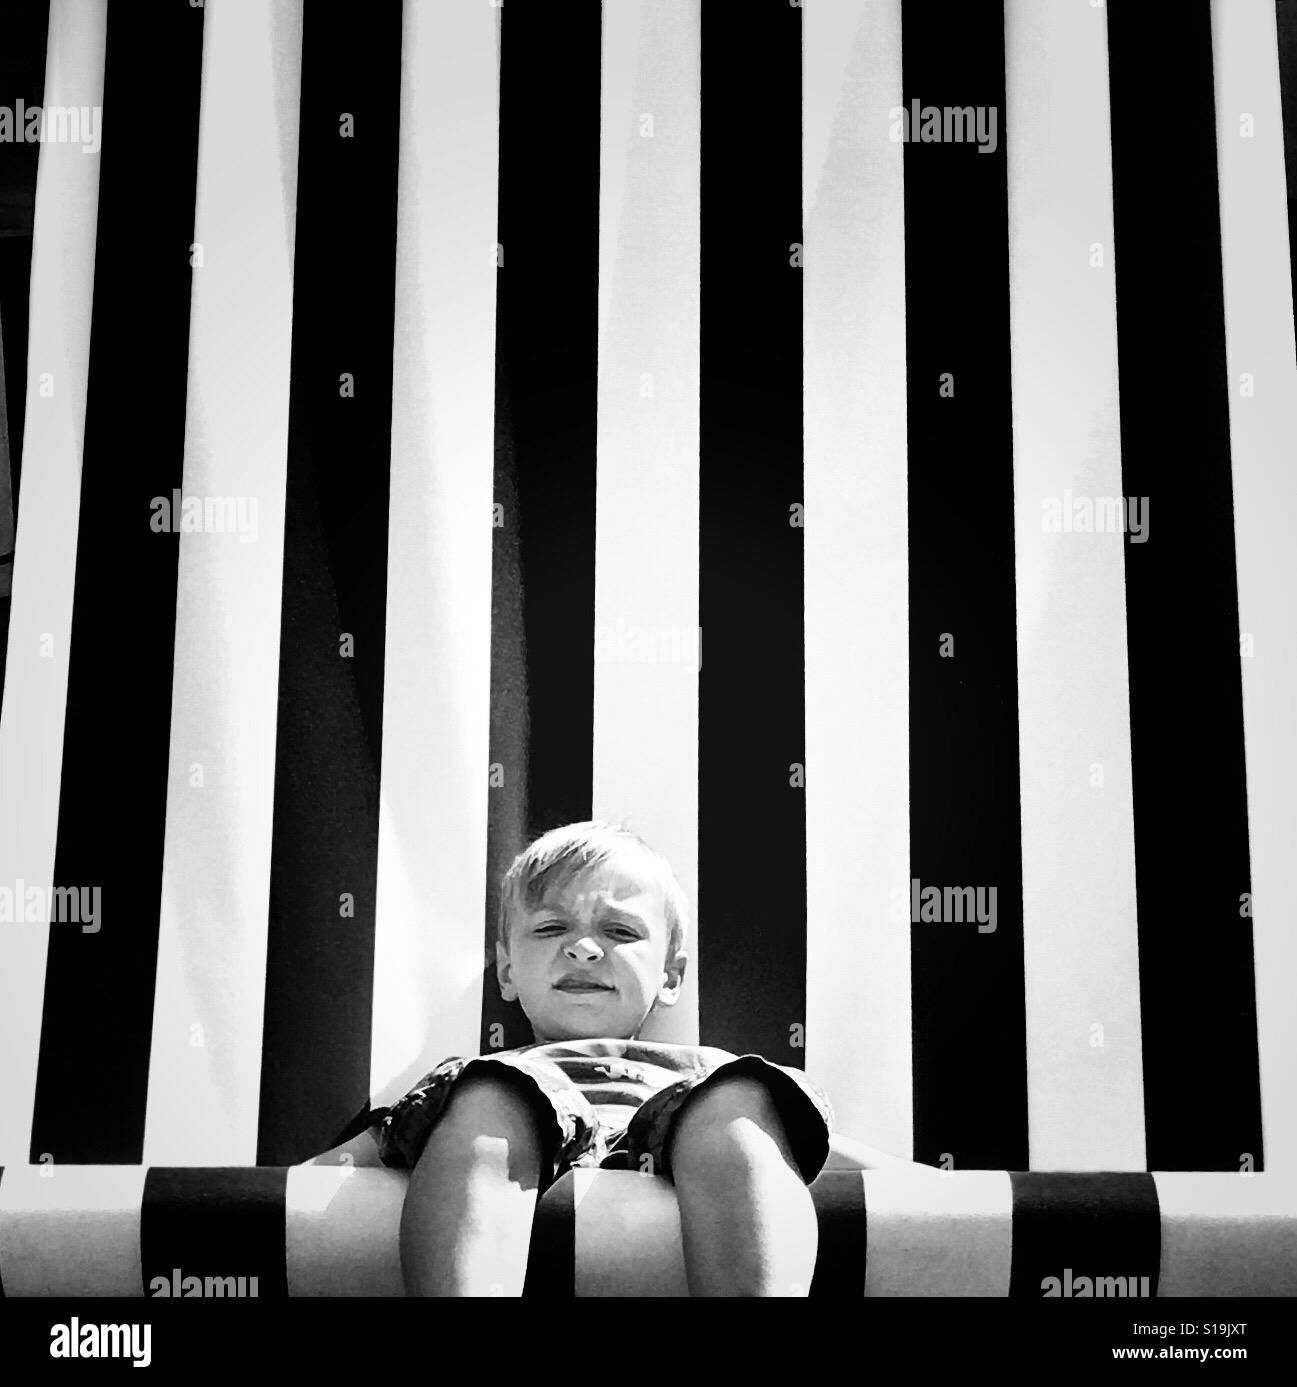 Muchacho sentado en la silla gigante Foto de stock